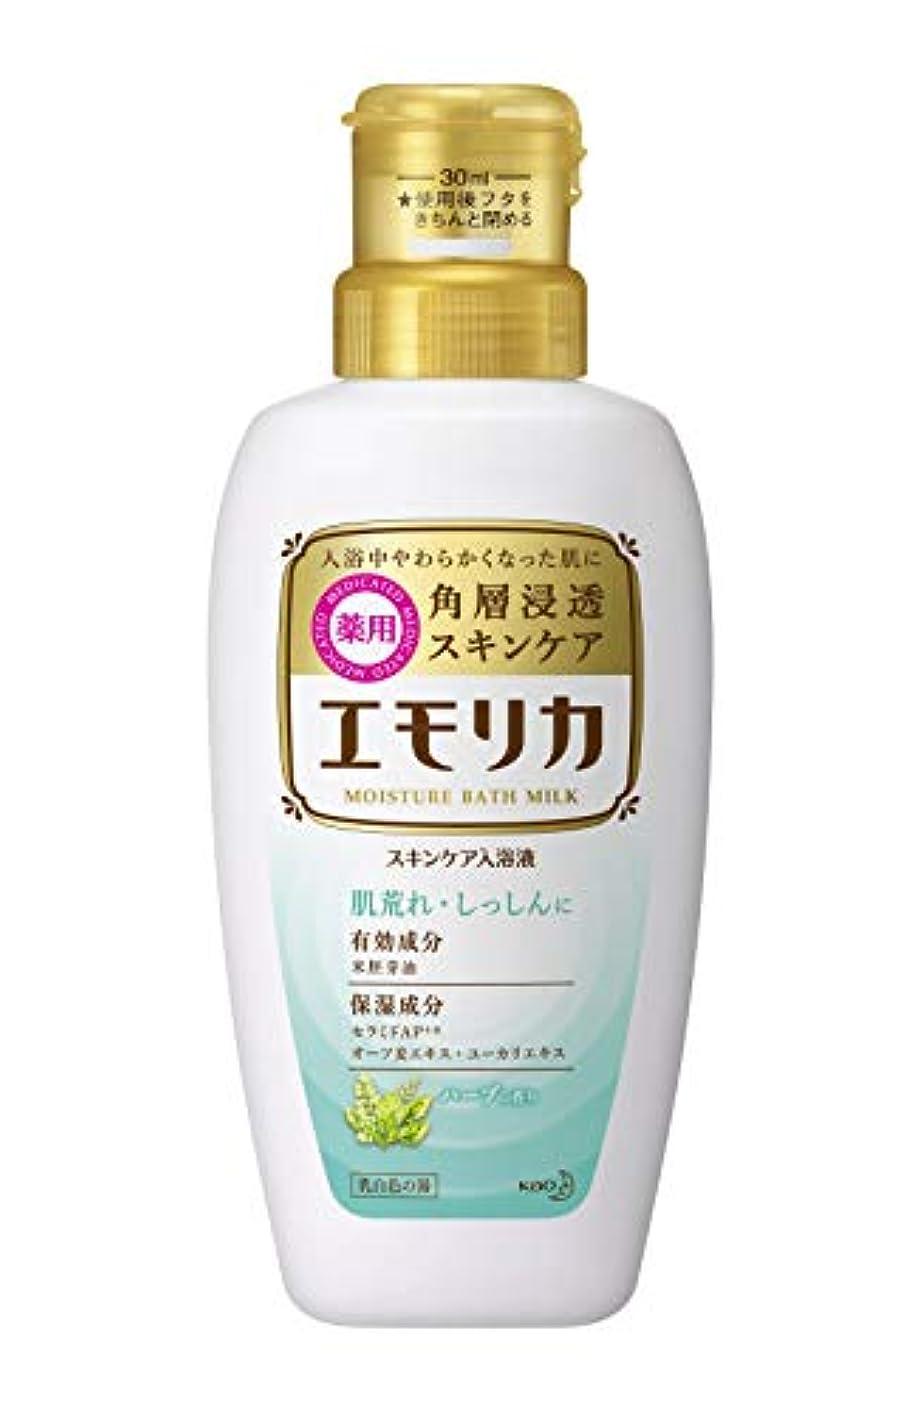 ごみカブくそーエモリカ 薬用スキンケア入浴液 ハーブの香り 本体 450ml 液体 入浴剤 (赤ちゃんにも使えます)